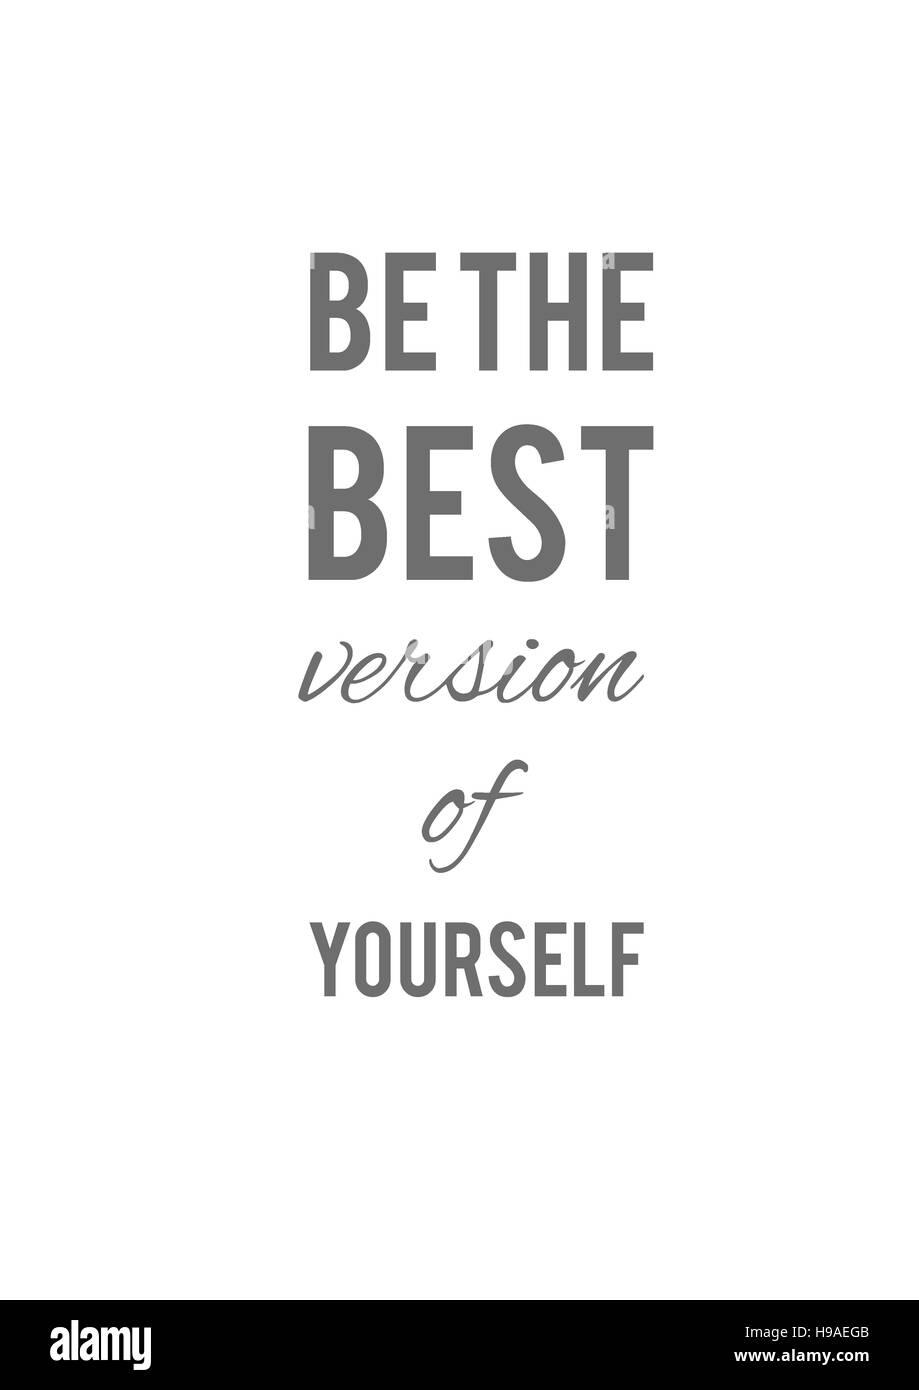 Essere la miglior versione di te stesso, sfondi, texture, motivazione, poster, preventivo, illustrazione Immagini Stock